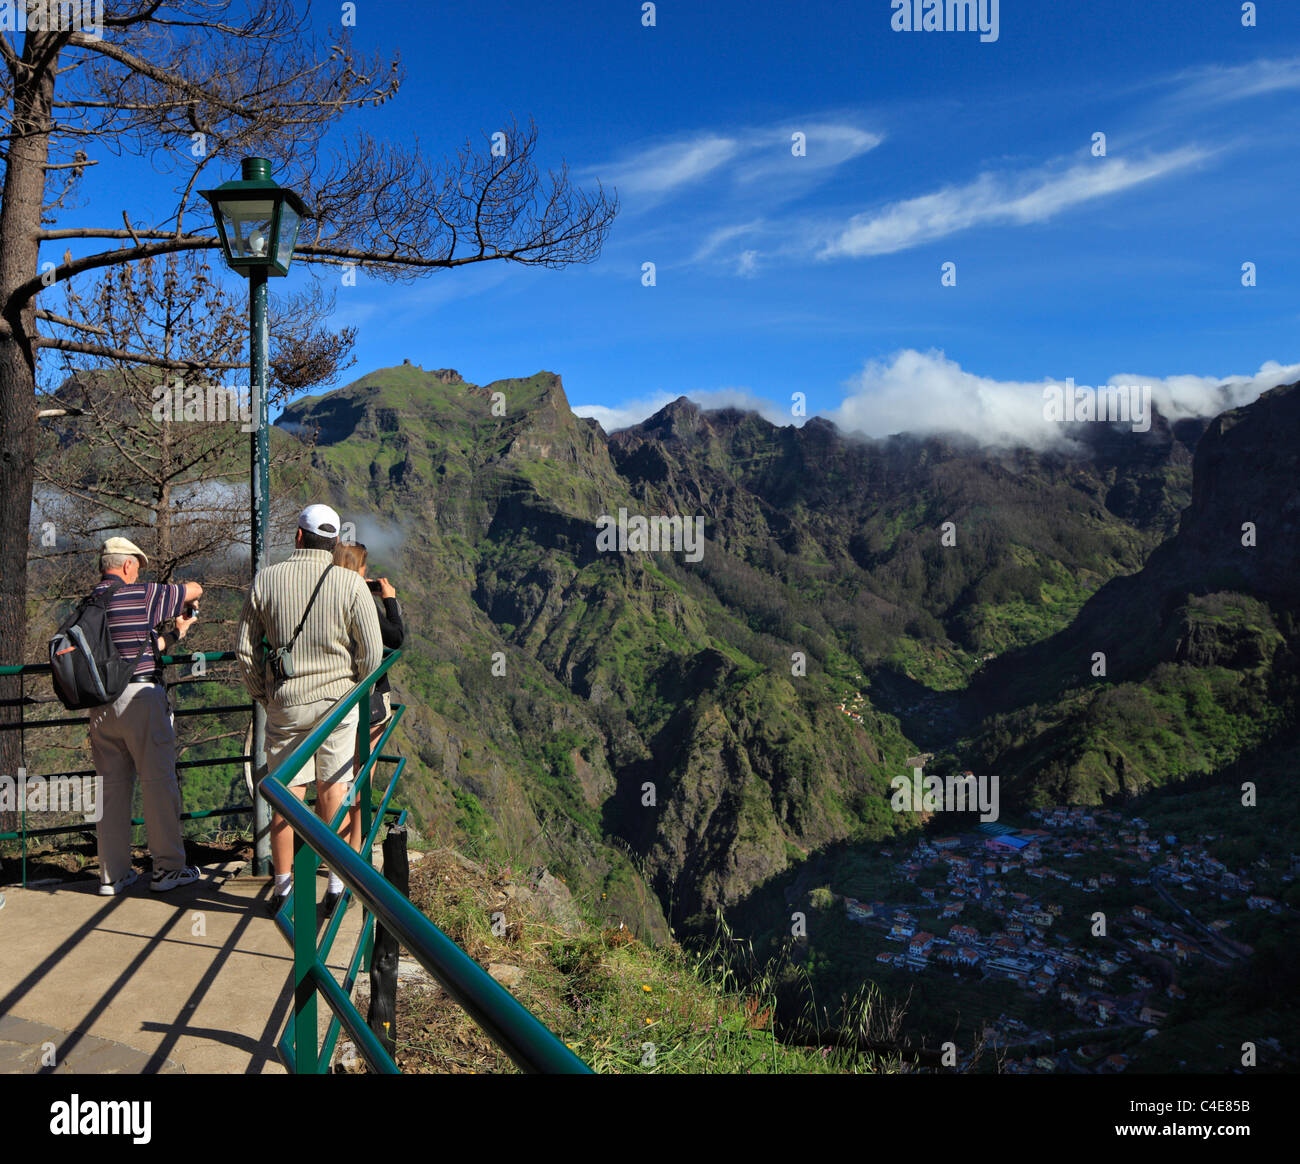 Tourists at Eira do Serrado, Madeira. - Stock Image